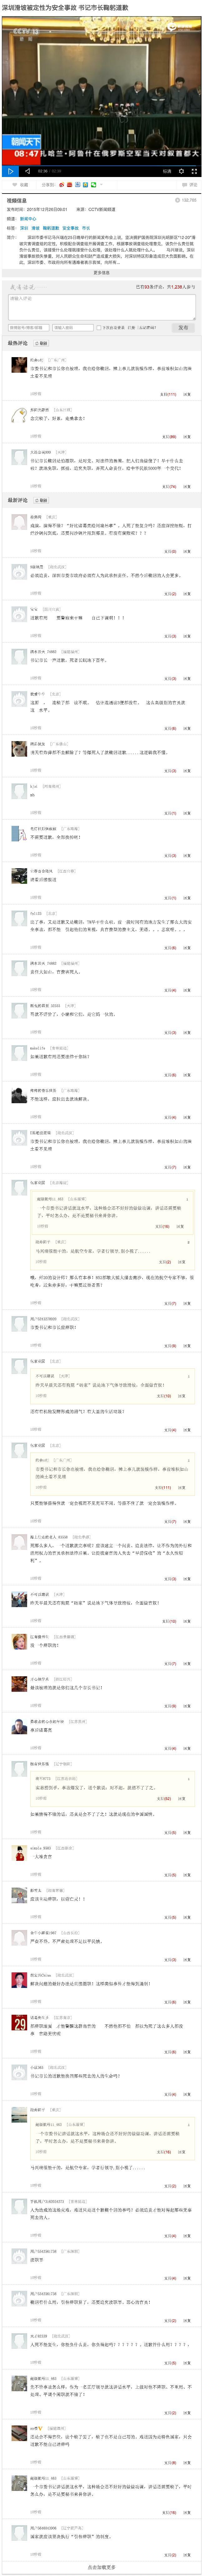 深圳滑坡被定性为安全事故 书记市长鞠躬道歉-深圳-滑坡-鞠躬道歉-安全事故-市长_新浪视频